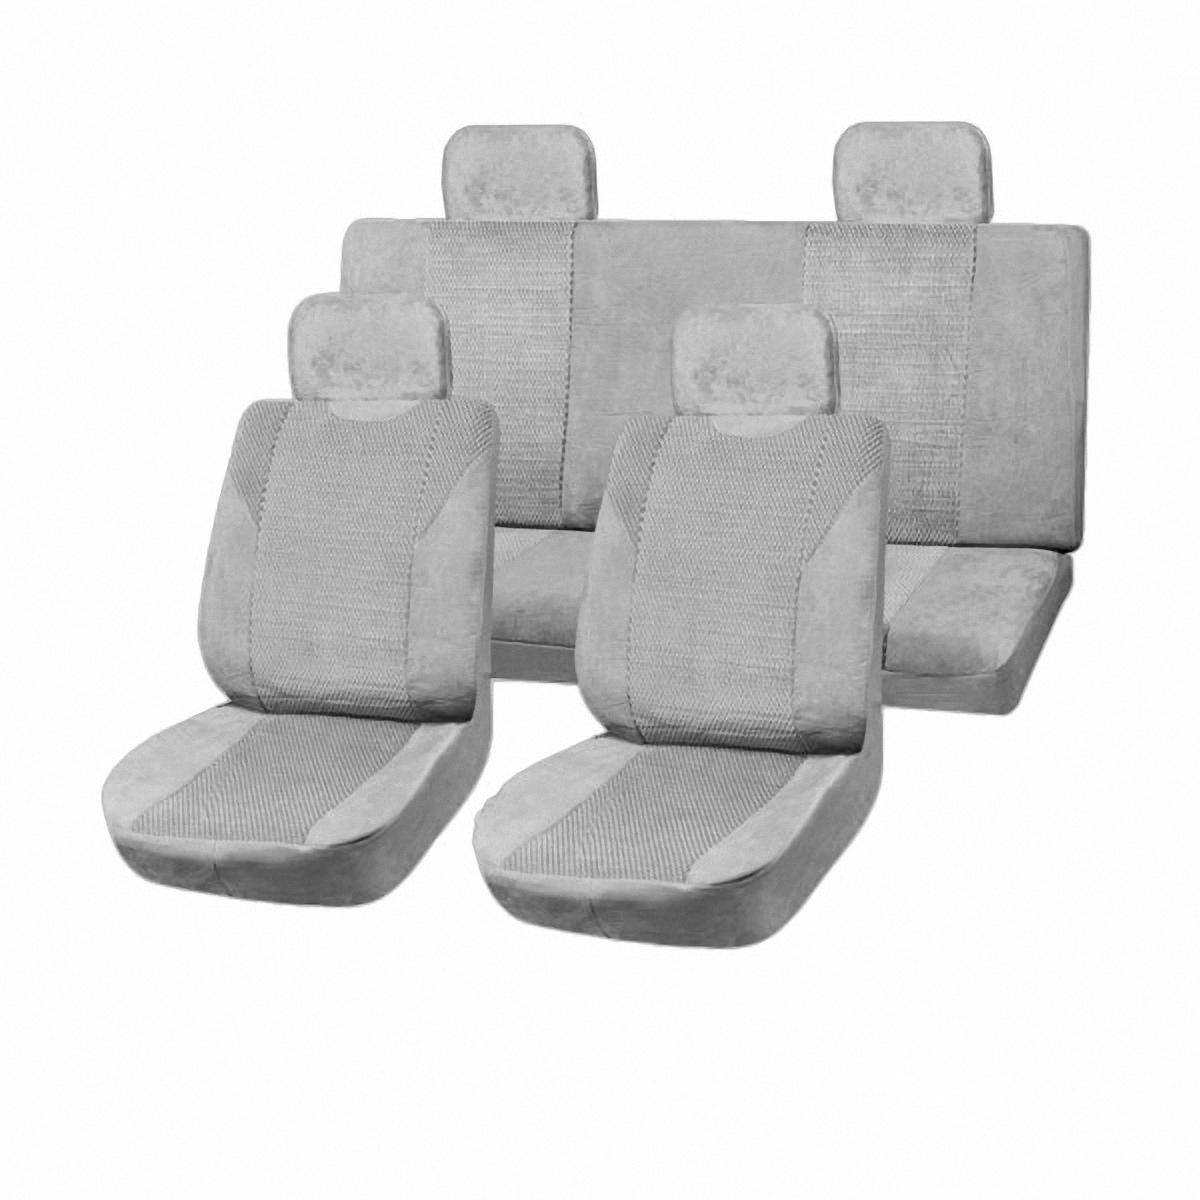 Чехлы автомобильные Skyway. SW-111028 GY/S01301004SW-111028 GY/S01301004Вам не хватает уюта и комфорта в салоне? Самый лучший способ изменить это – «одеть» ваши сидения в чехлы SKYWAY. Изготовленные из прочного материала они защитят ваш салон от износа и повреждений. Более плотный поролон позволяет чехлам полностью прилегать к сидению автомобиля и меньше растягиваться в процессе использования. Ткань чехлов на сиденья SKYWAY не вытягивается, не истирается, великолепно сохраняет форму, устойчива к световому и тепловому воздействию, а ровные, крепкие швы не разойдутся даже при сильном натяжении.